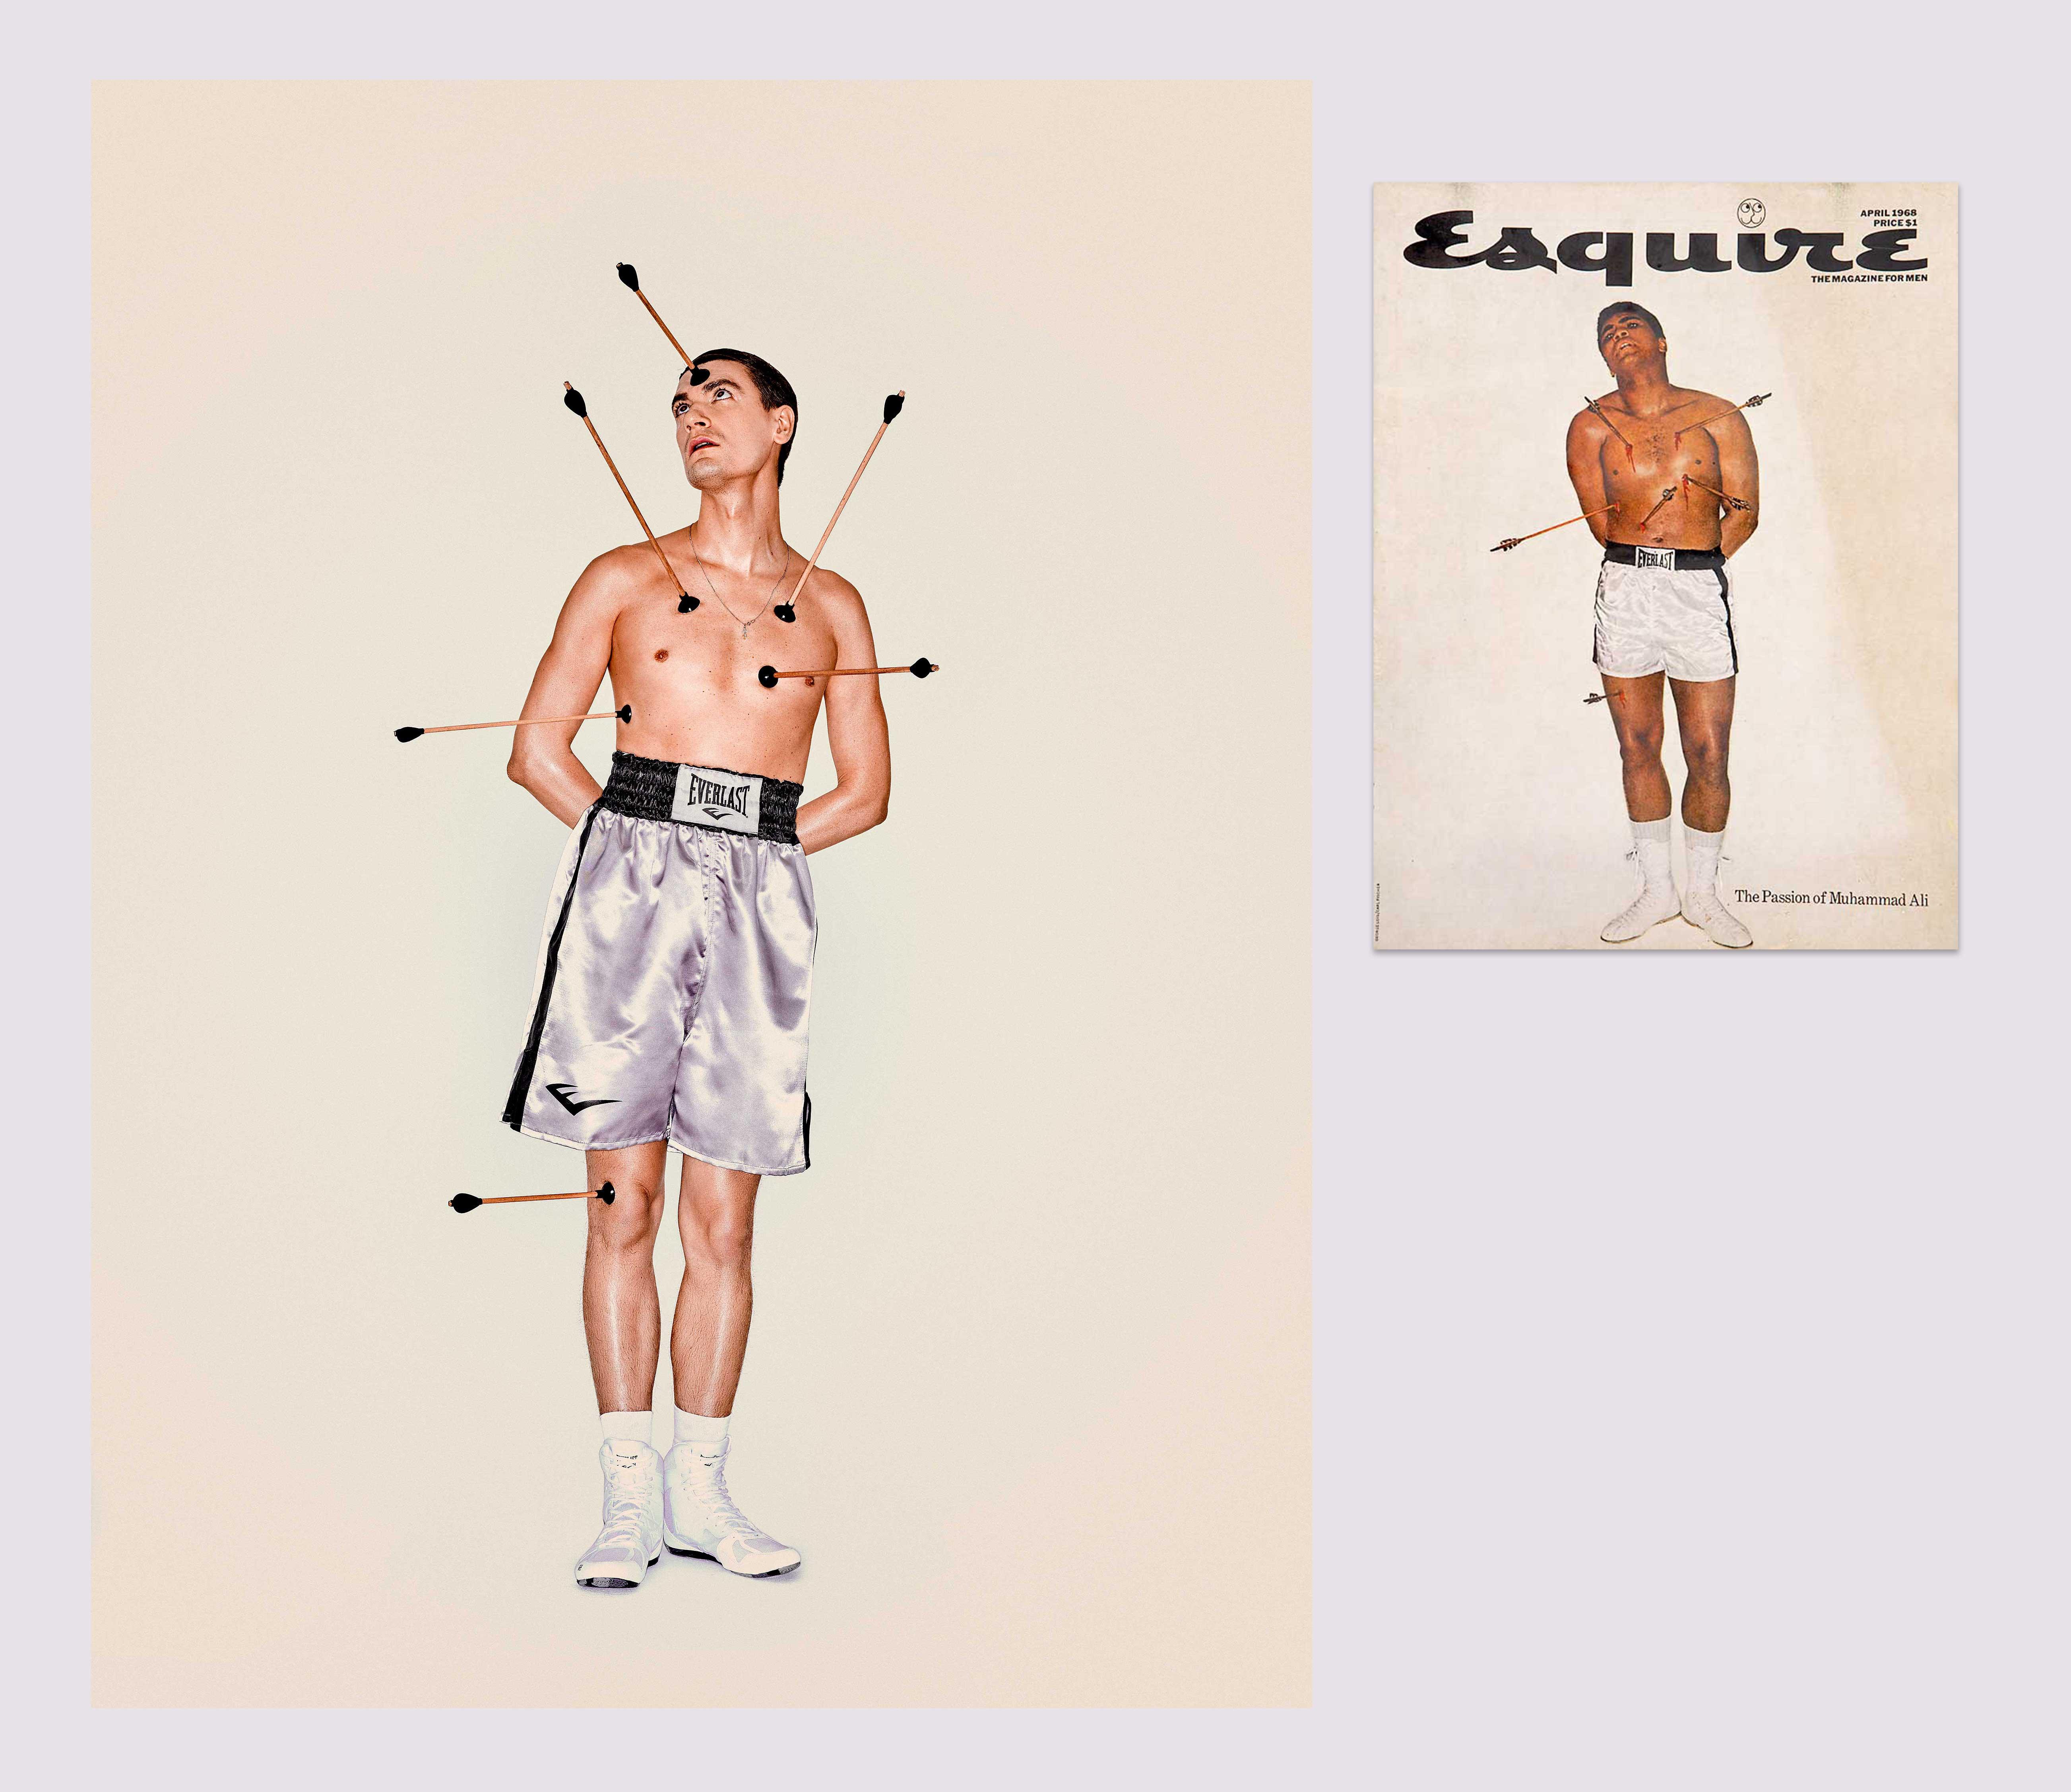 1968 год Мохаммед Али вобразе святого Себастьяна наобложке апрельского номера Esquire США.